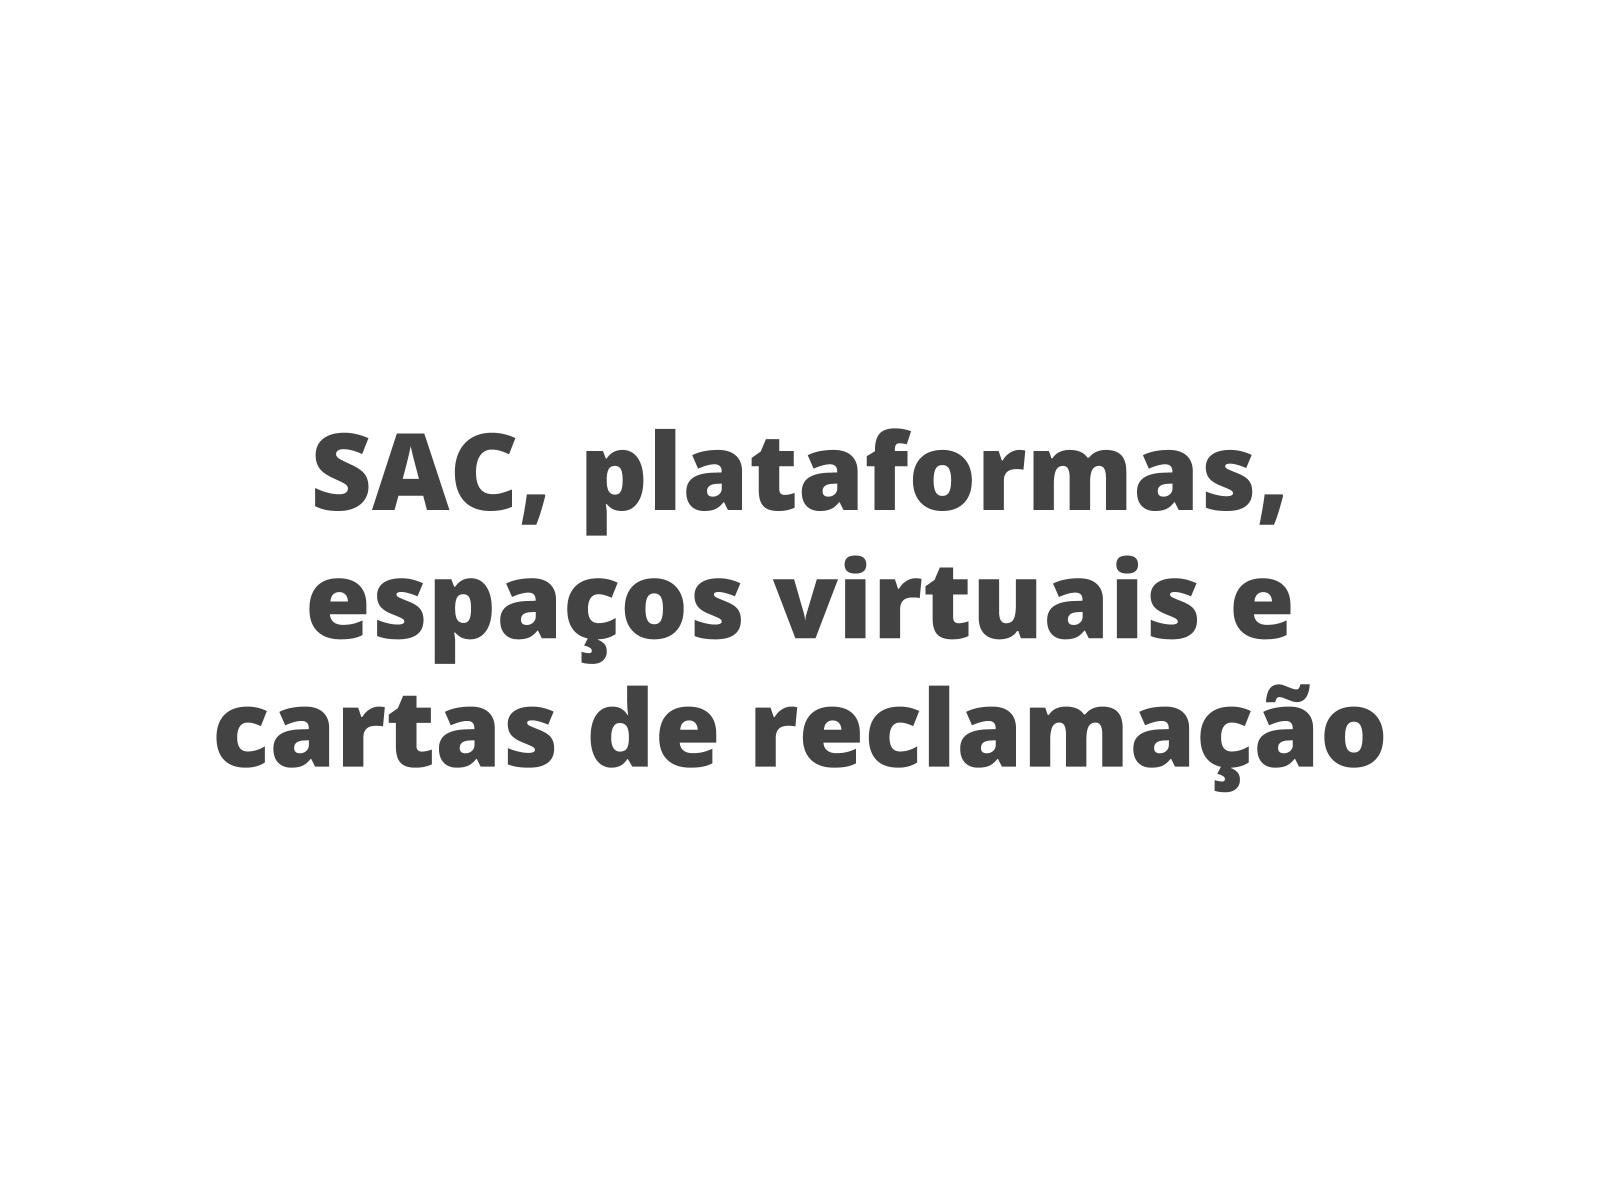 SAC, plataformas , espaços virtuais e cartas  de reclamação